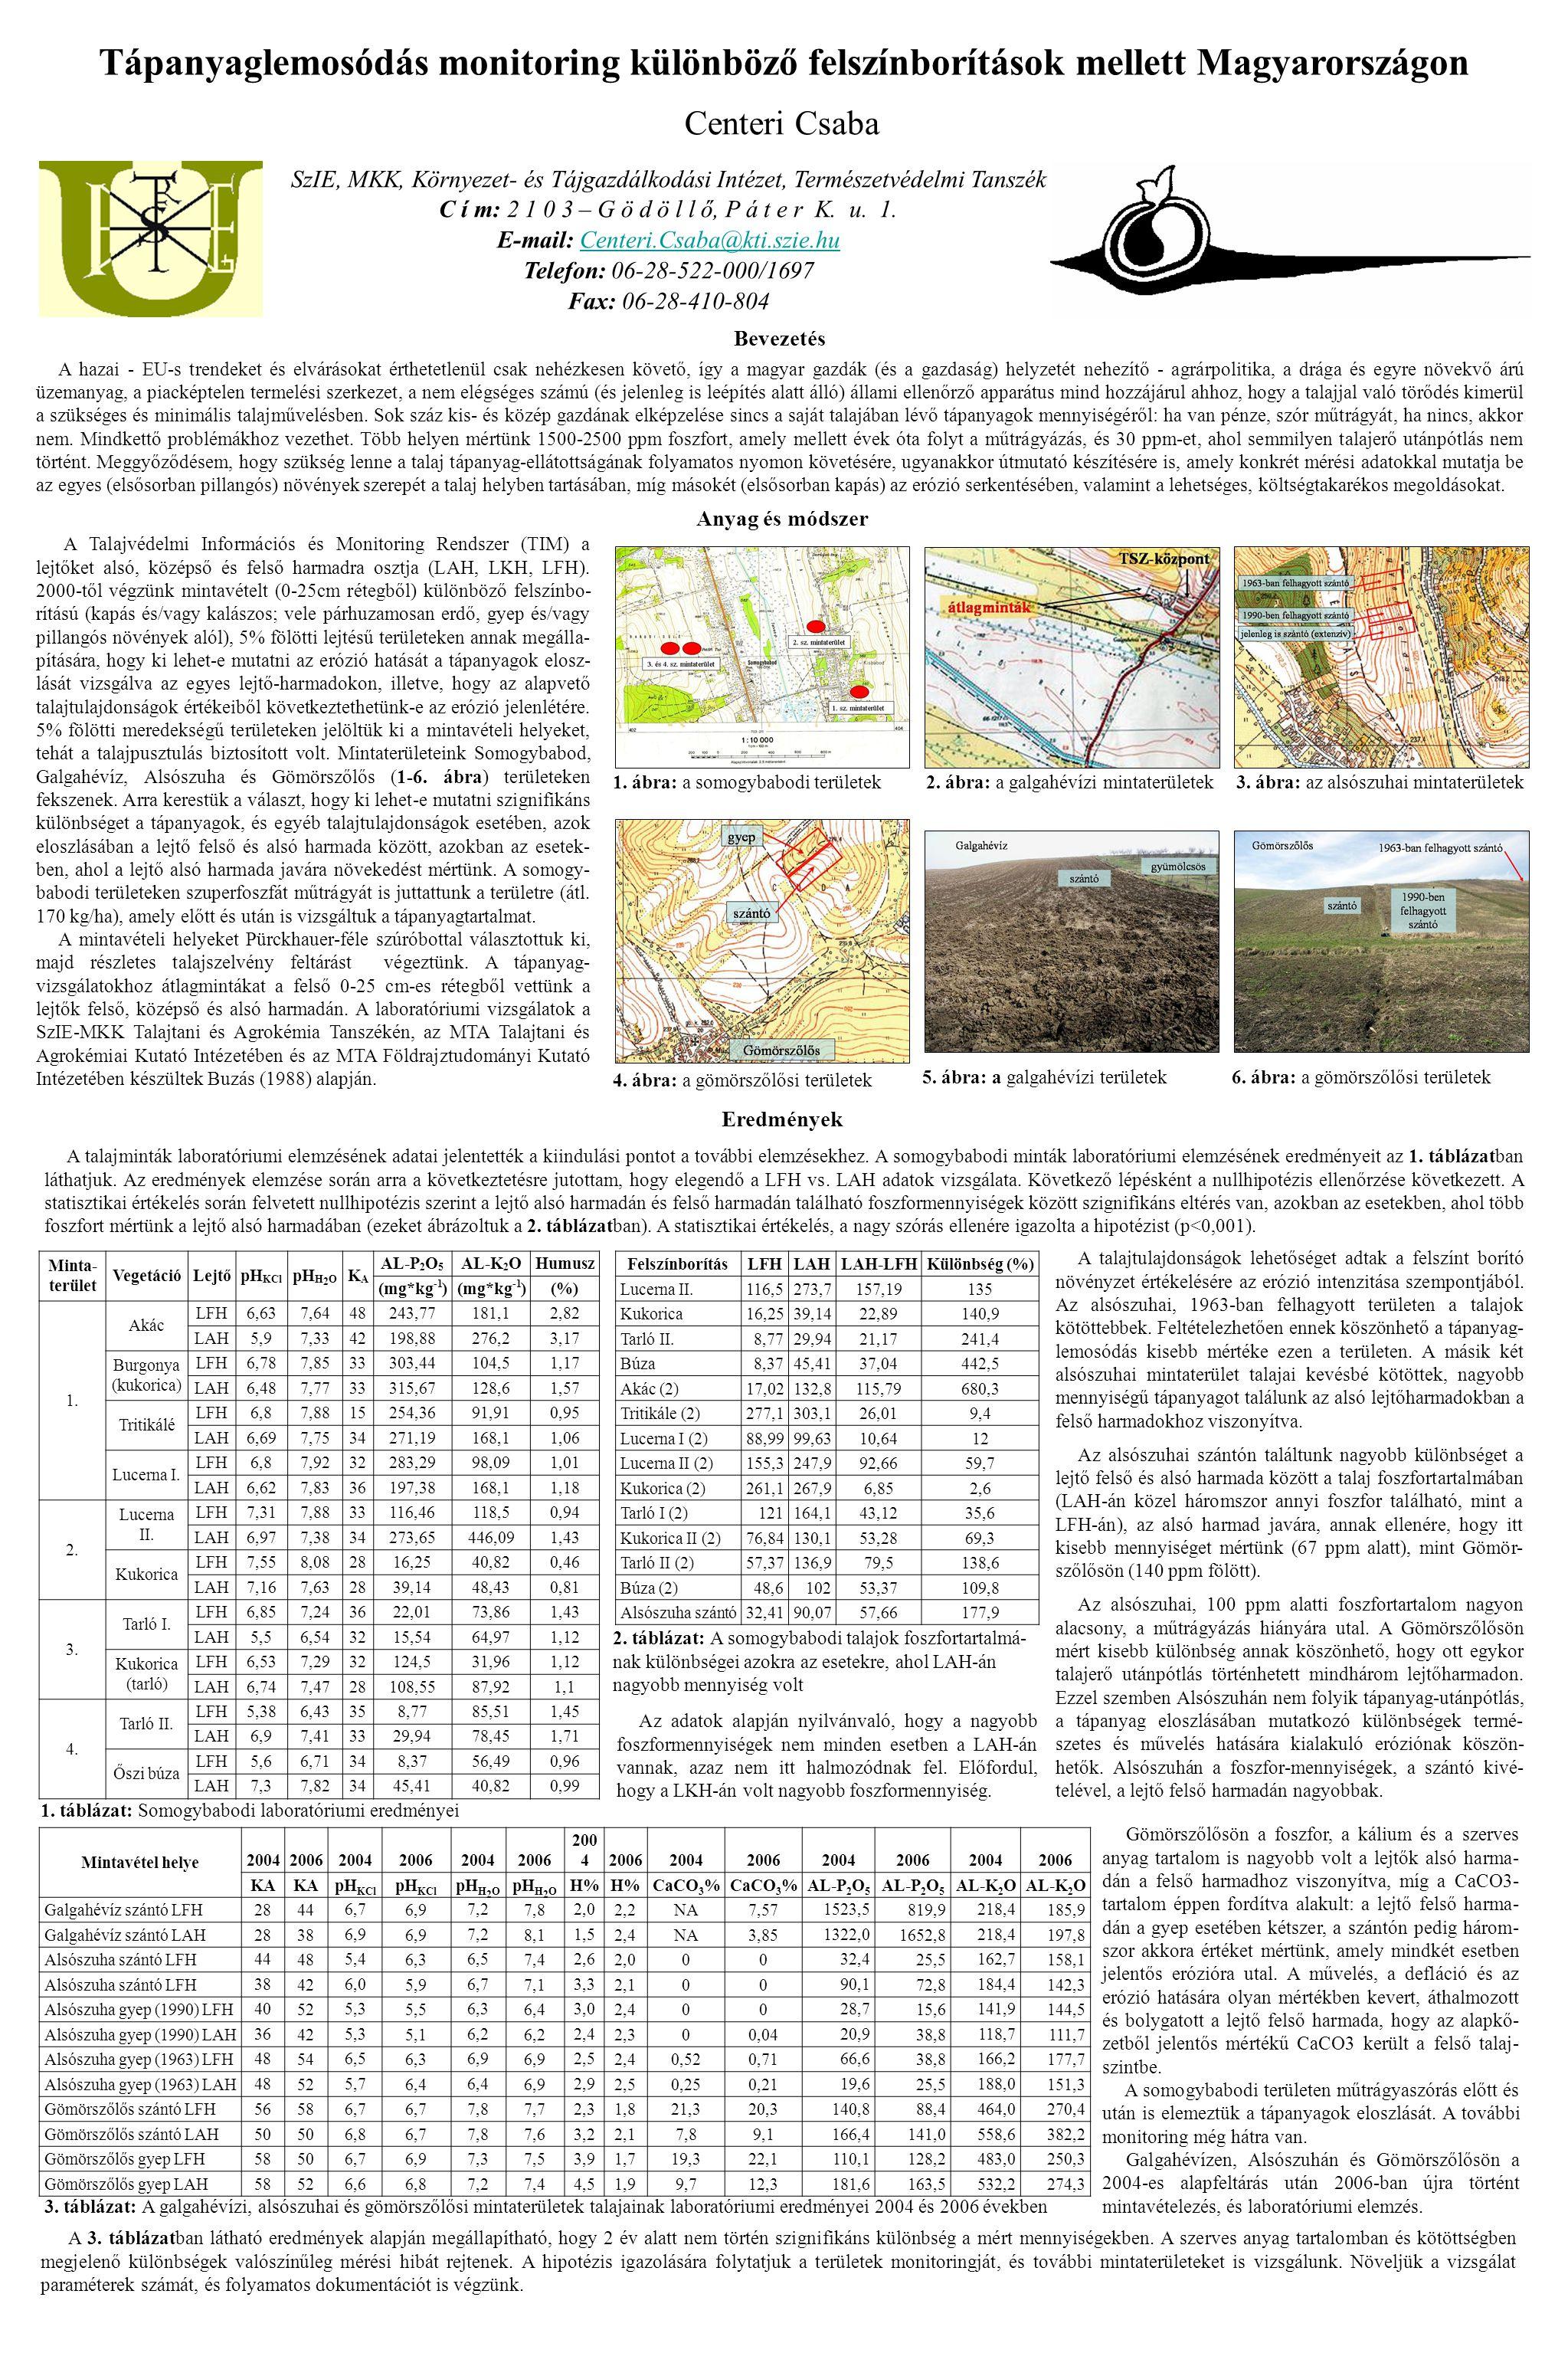 A talajtulajdonságok lehetőséget adtak a felszínt borító növényzet értékelésére az erózió intenzitása szempontjából. Az alsószuhai, 1963-ban felhagyot